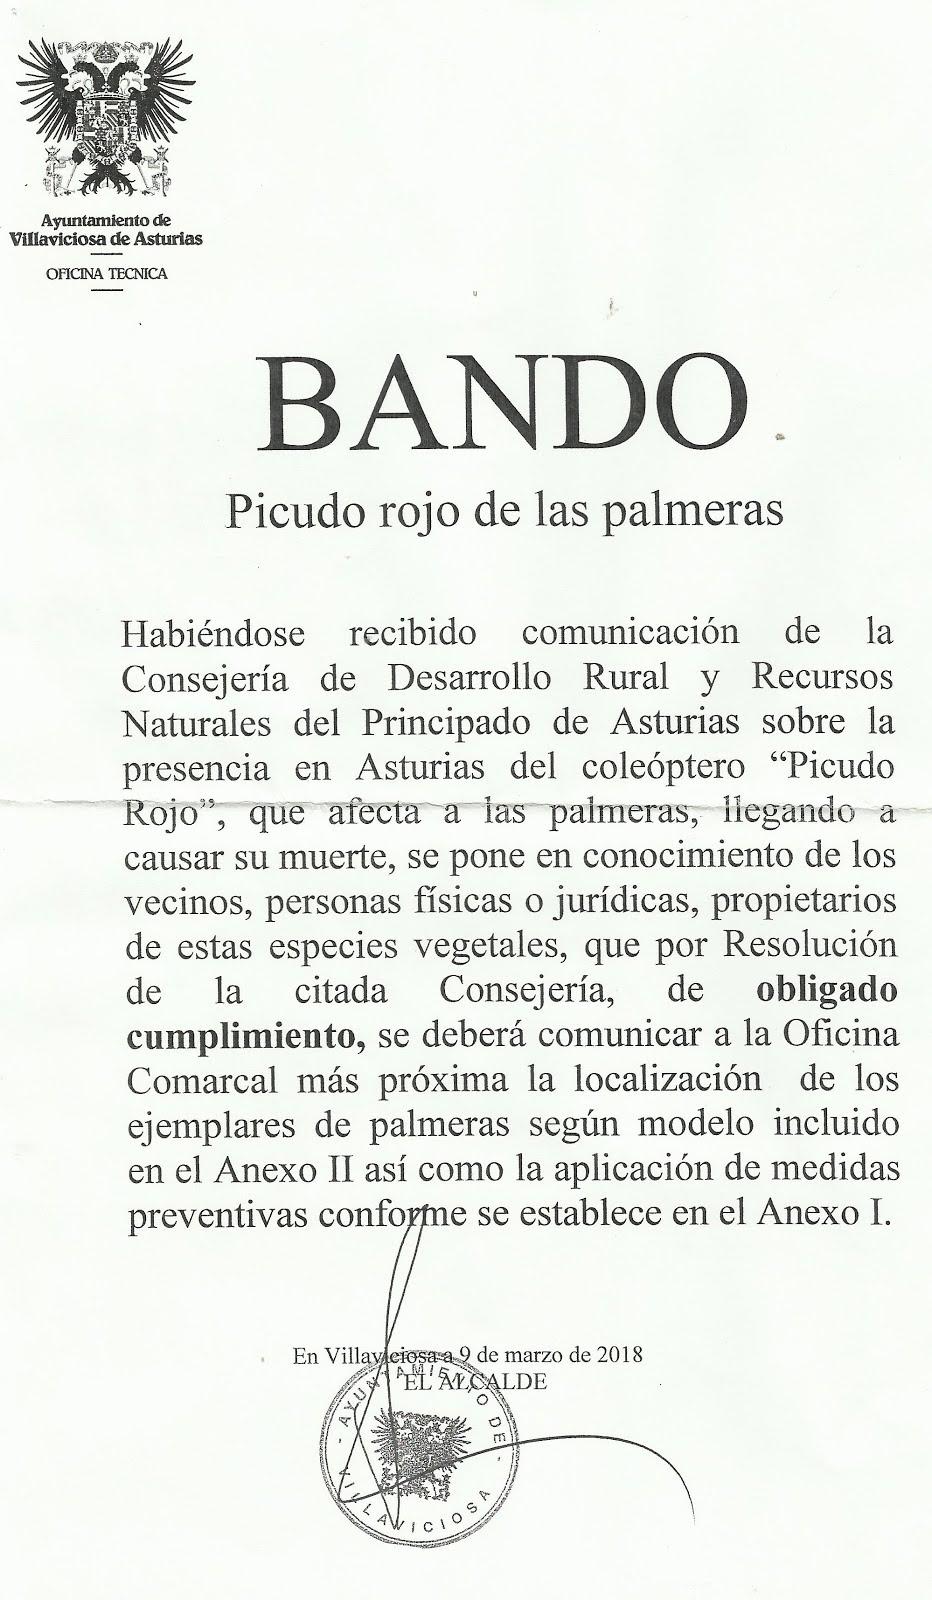 BANDO (Picudo Rojo de las palmeras)